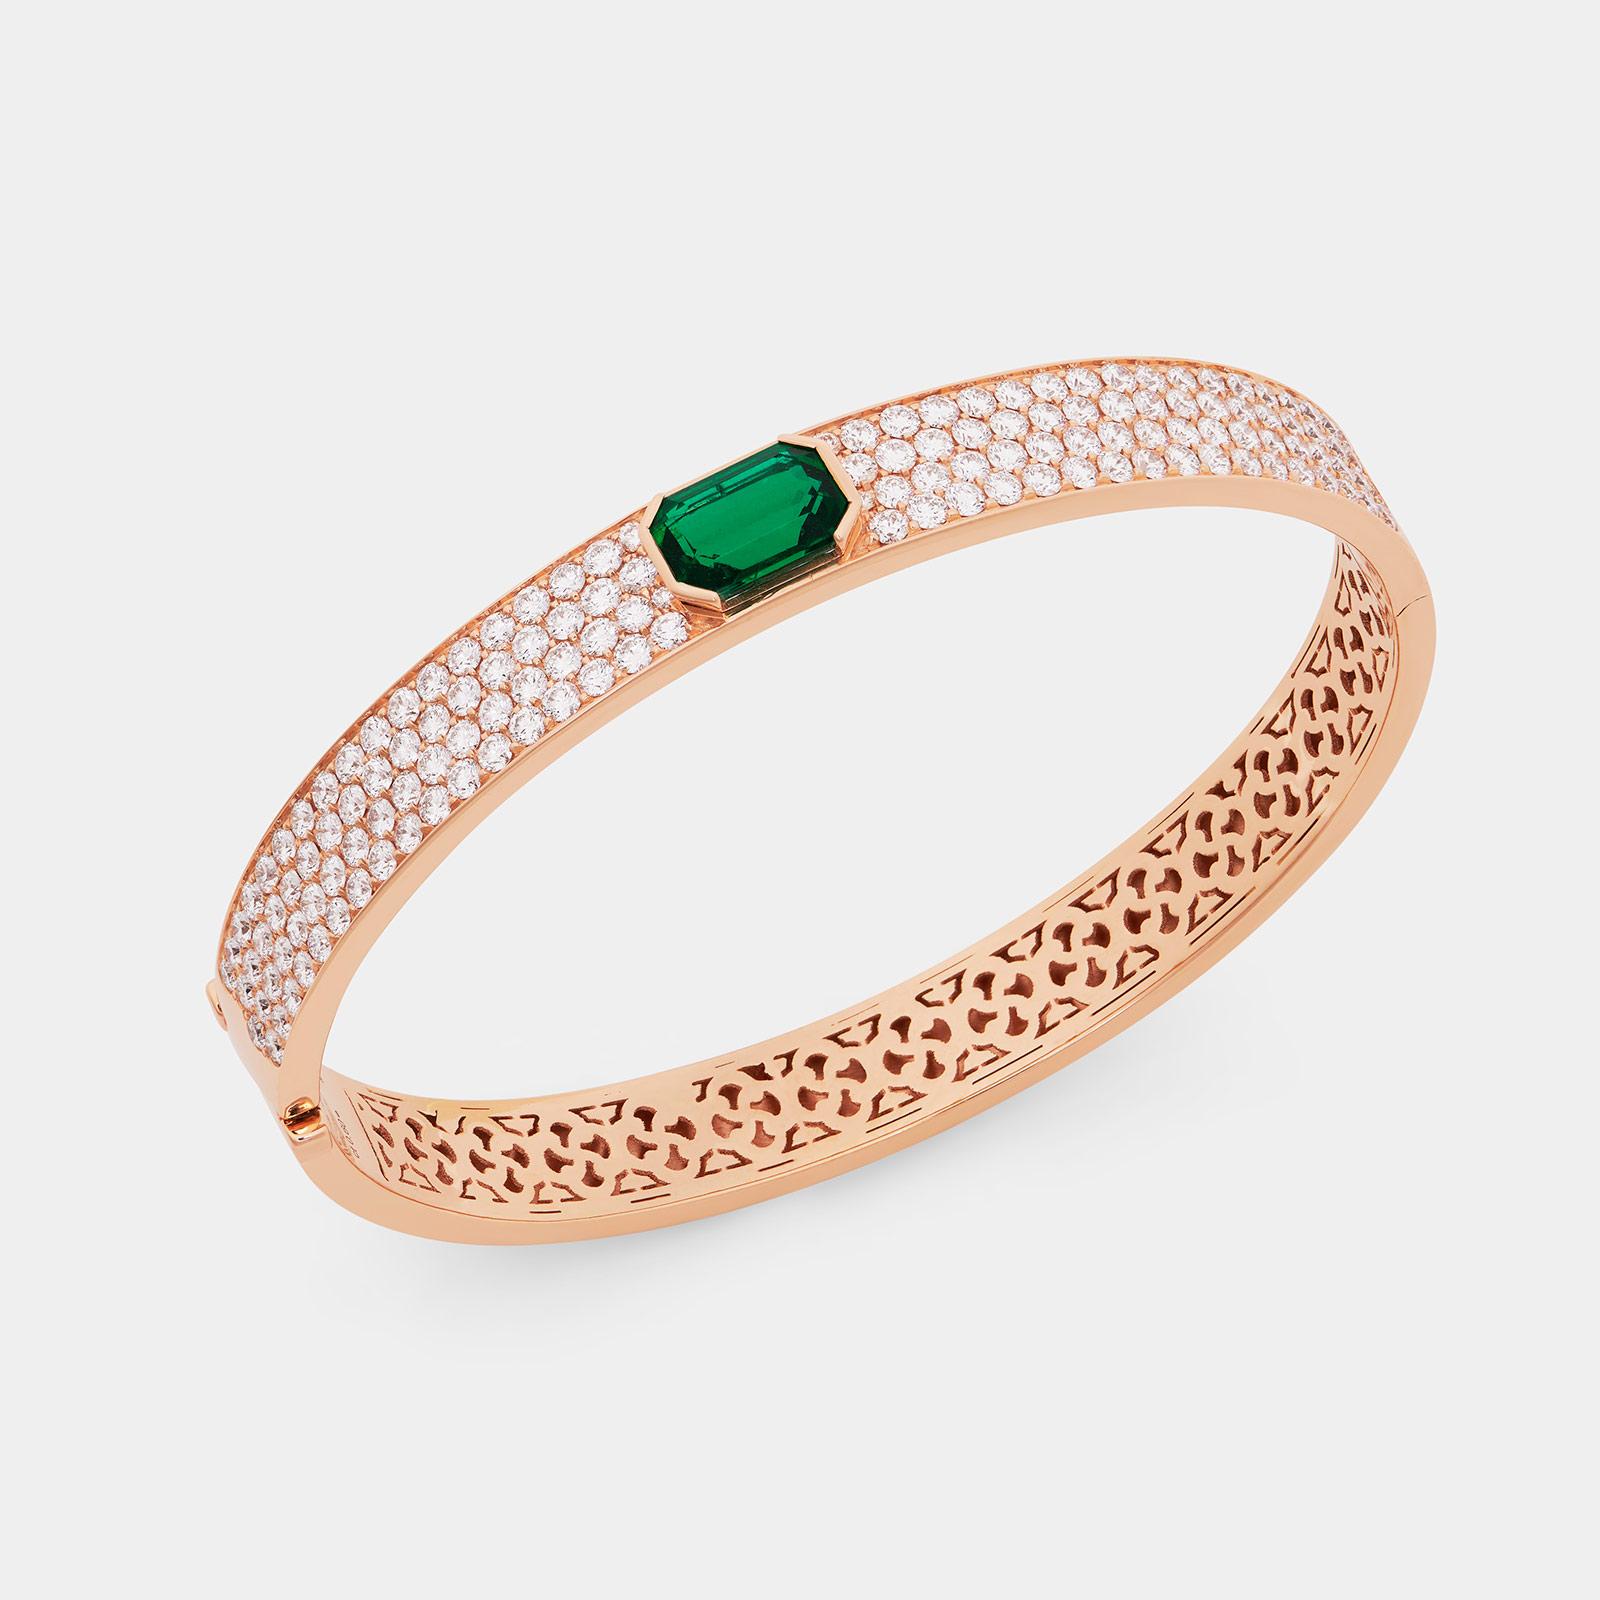 Bracciale manetta rigido in oro rosa con pavé di diamanti e smeraldo centrale - Rosanna Cattolico gioielli